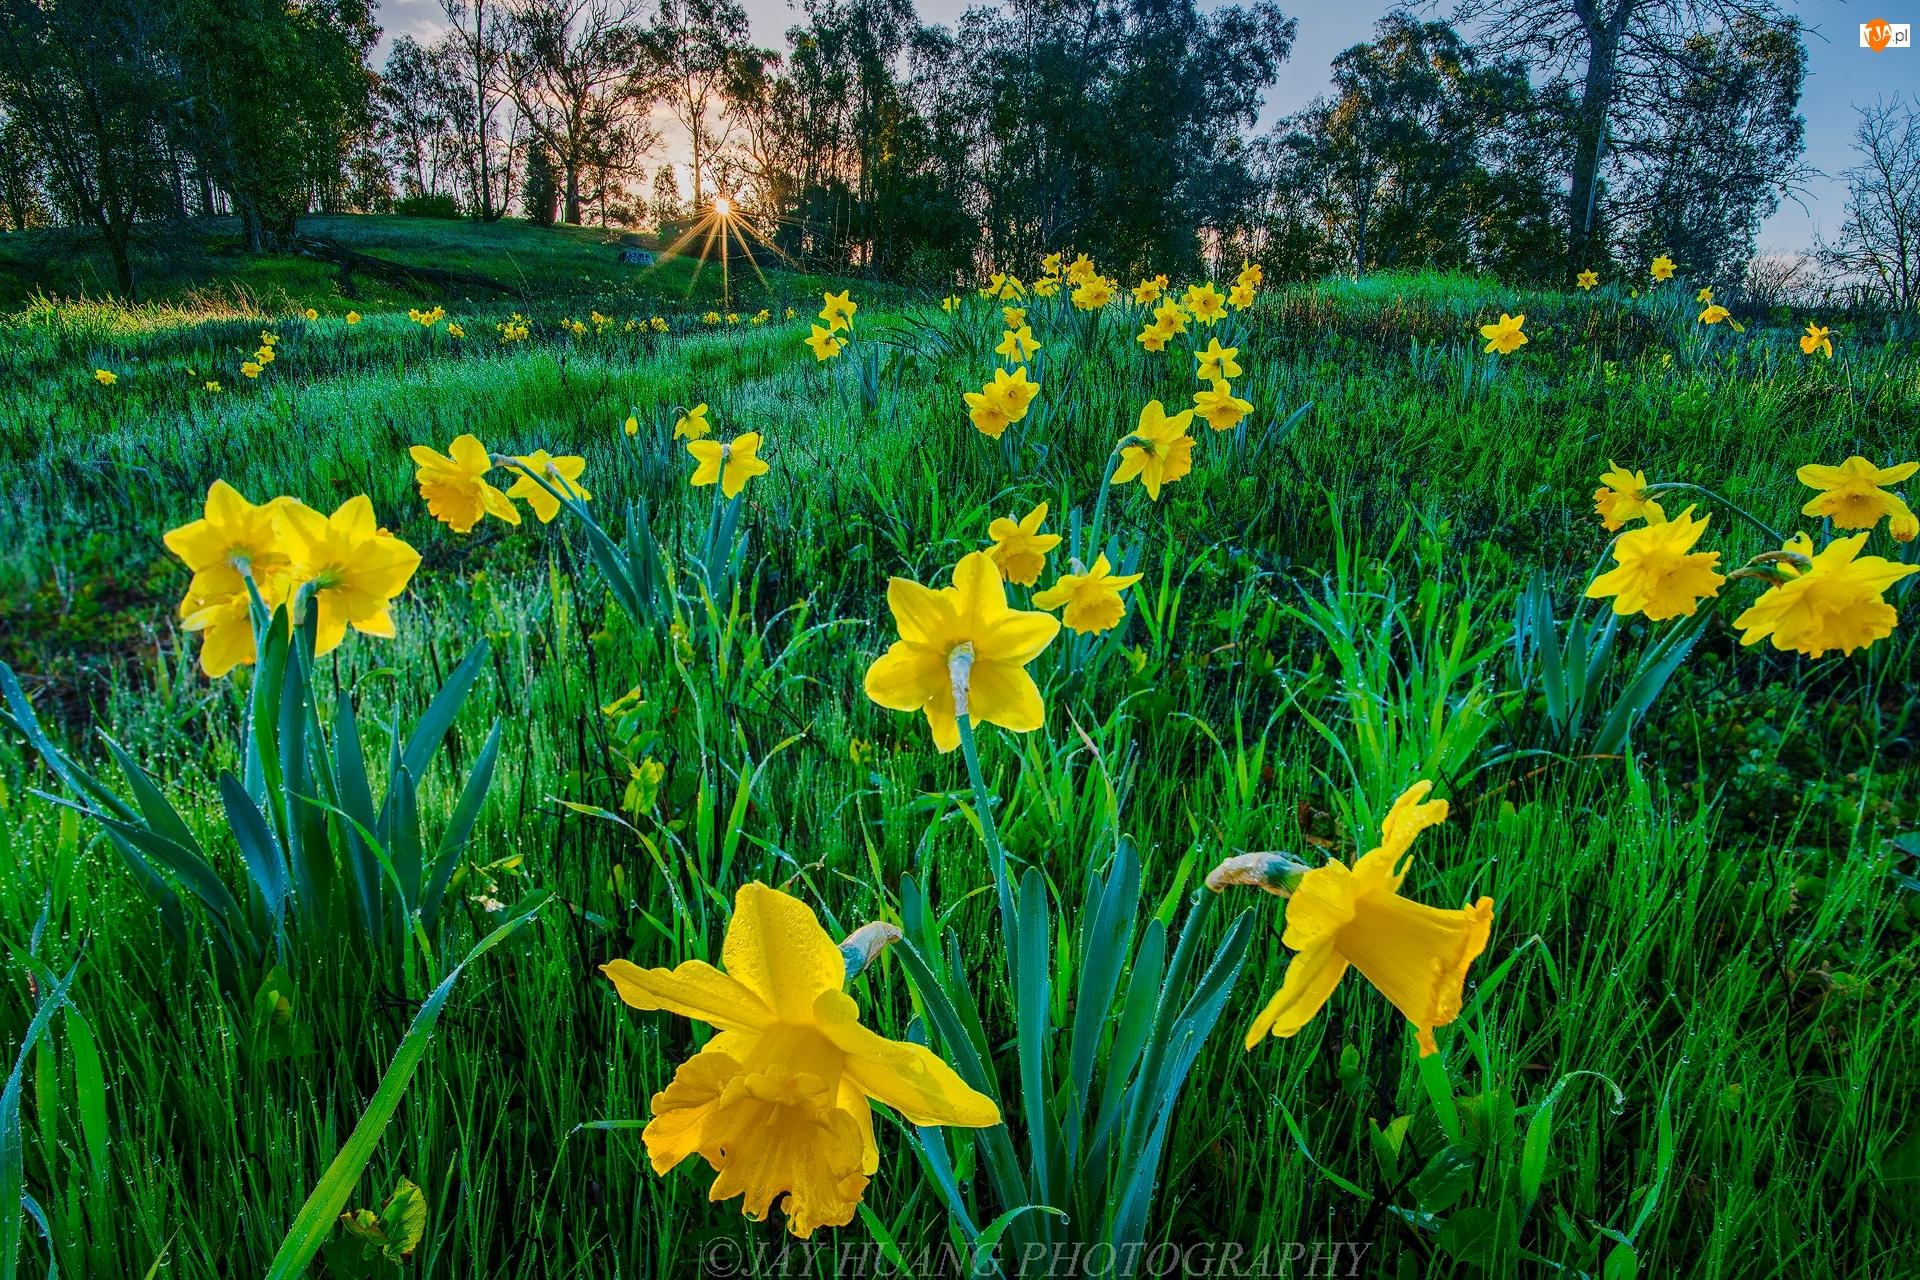 Narcyzy żonkile, Promienie słońca, Kwiaty, Wiosna, Drzewa